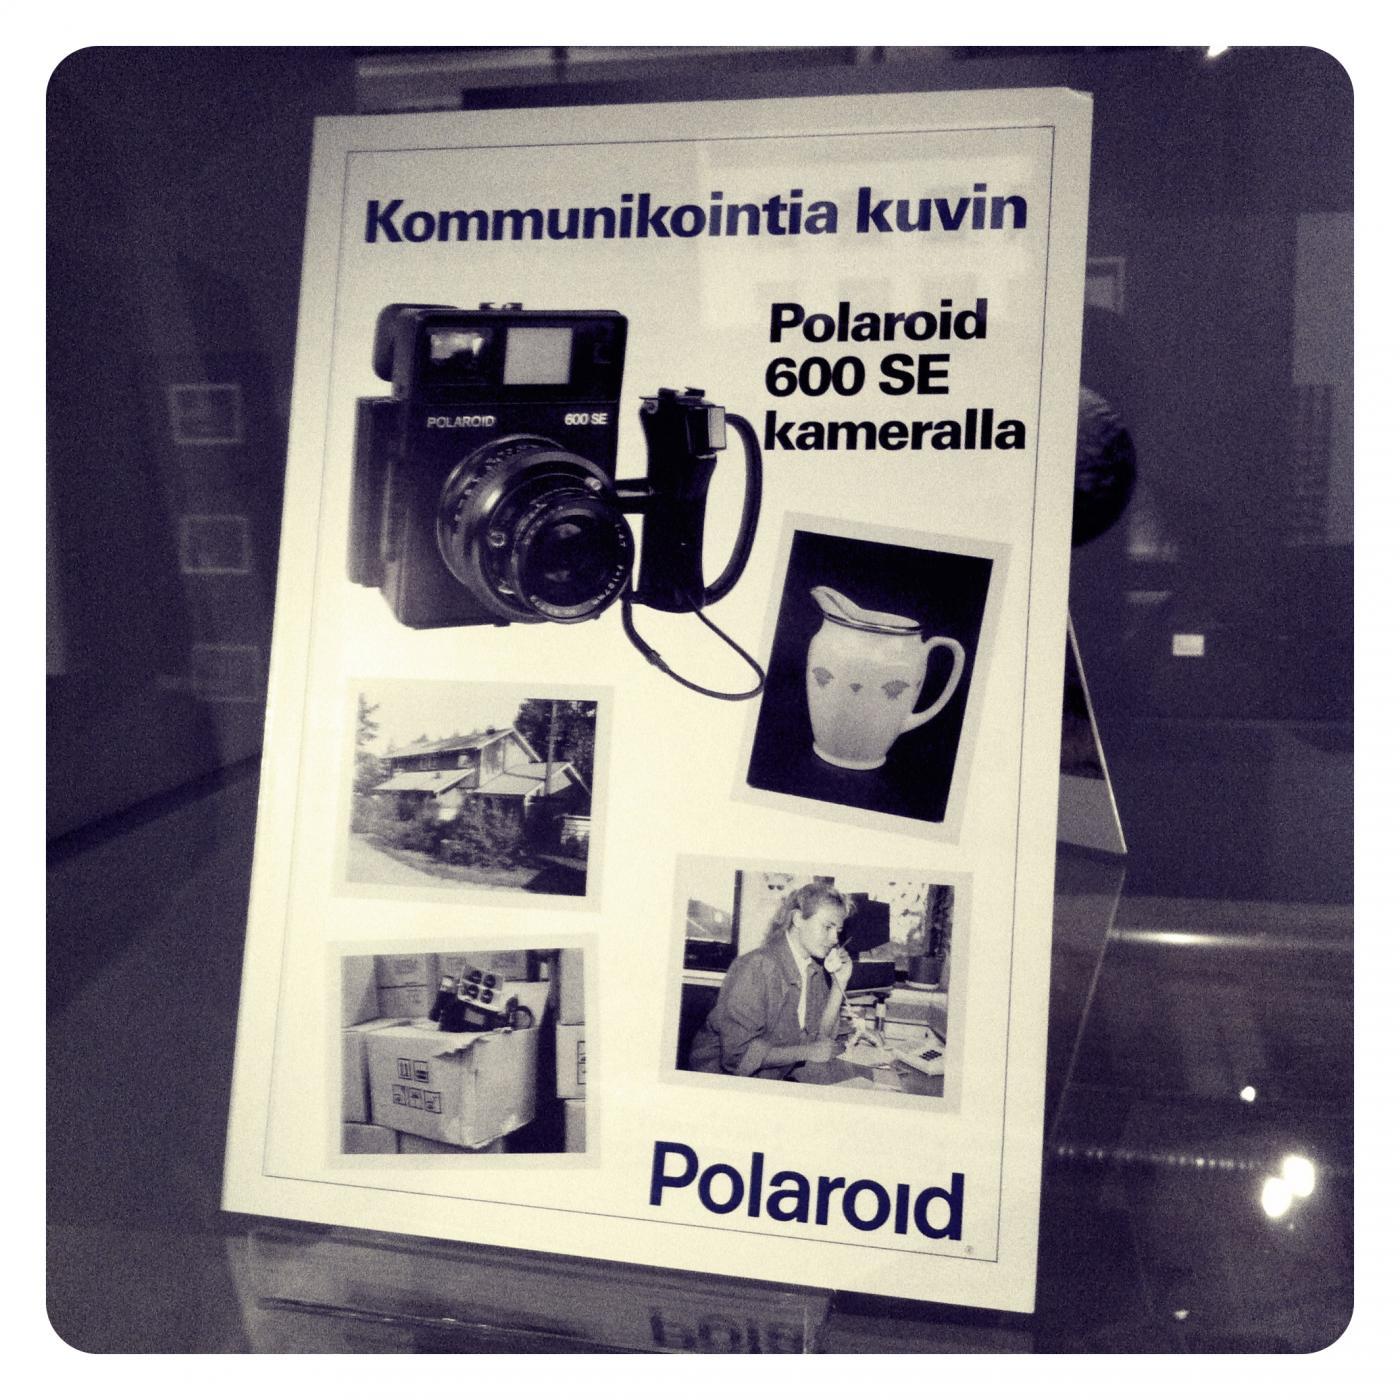 Muissa museoissa: Kommunikointia kuvin – Polaroid-näyttely Suomen valokuvataiteen museossa